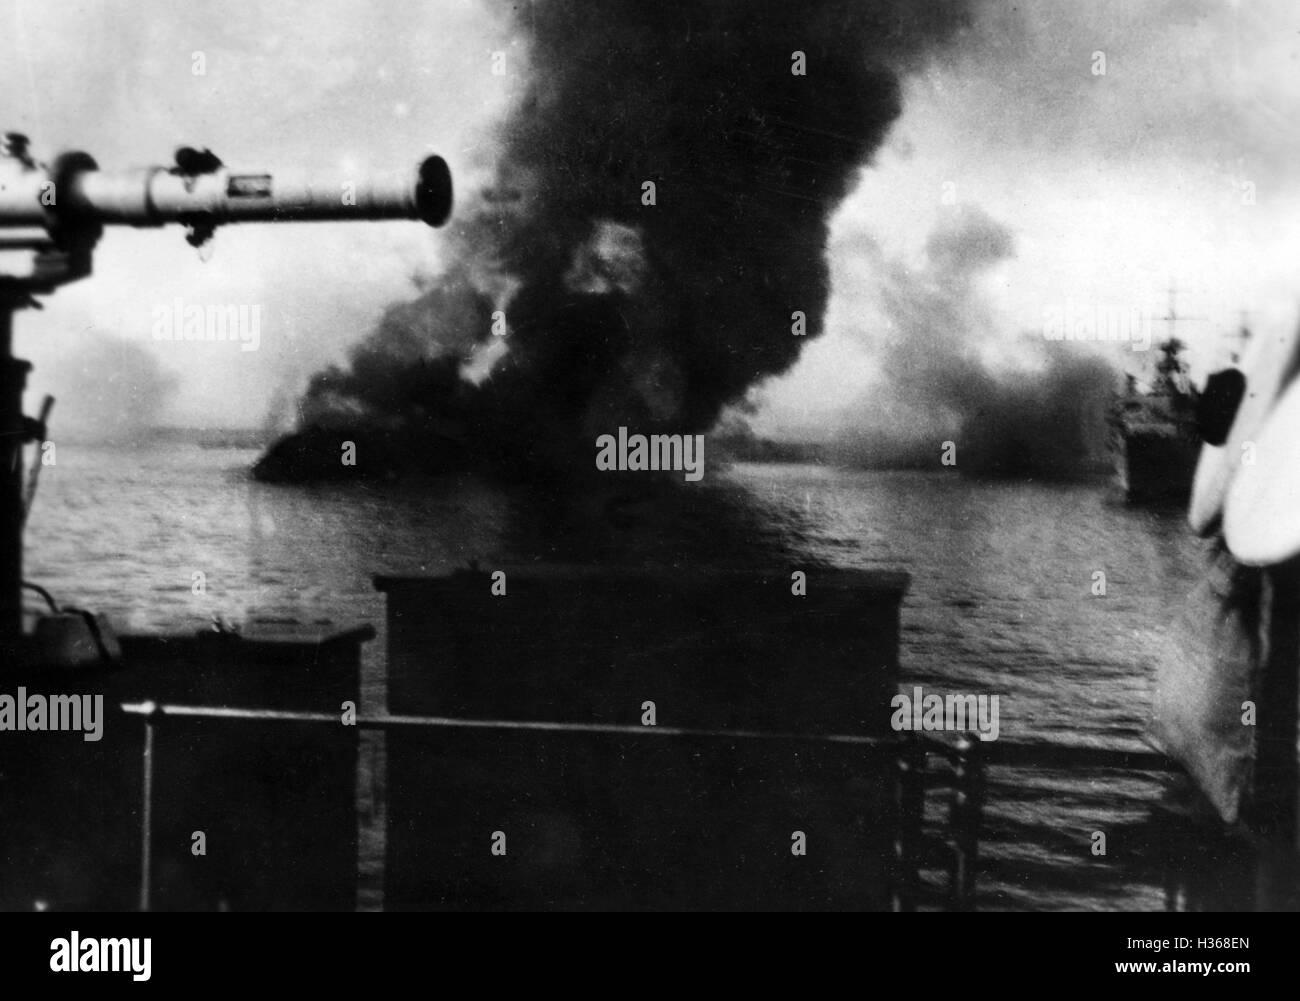 Versenkung der französischen Flotte in Mers - el - Kebir, 1940 Stockbild